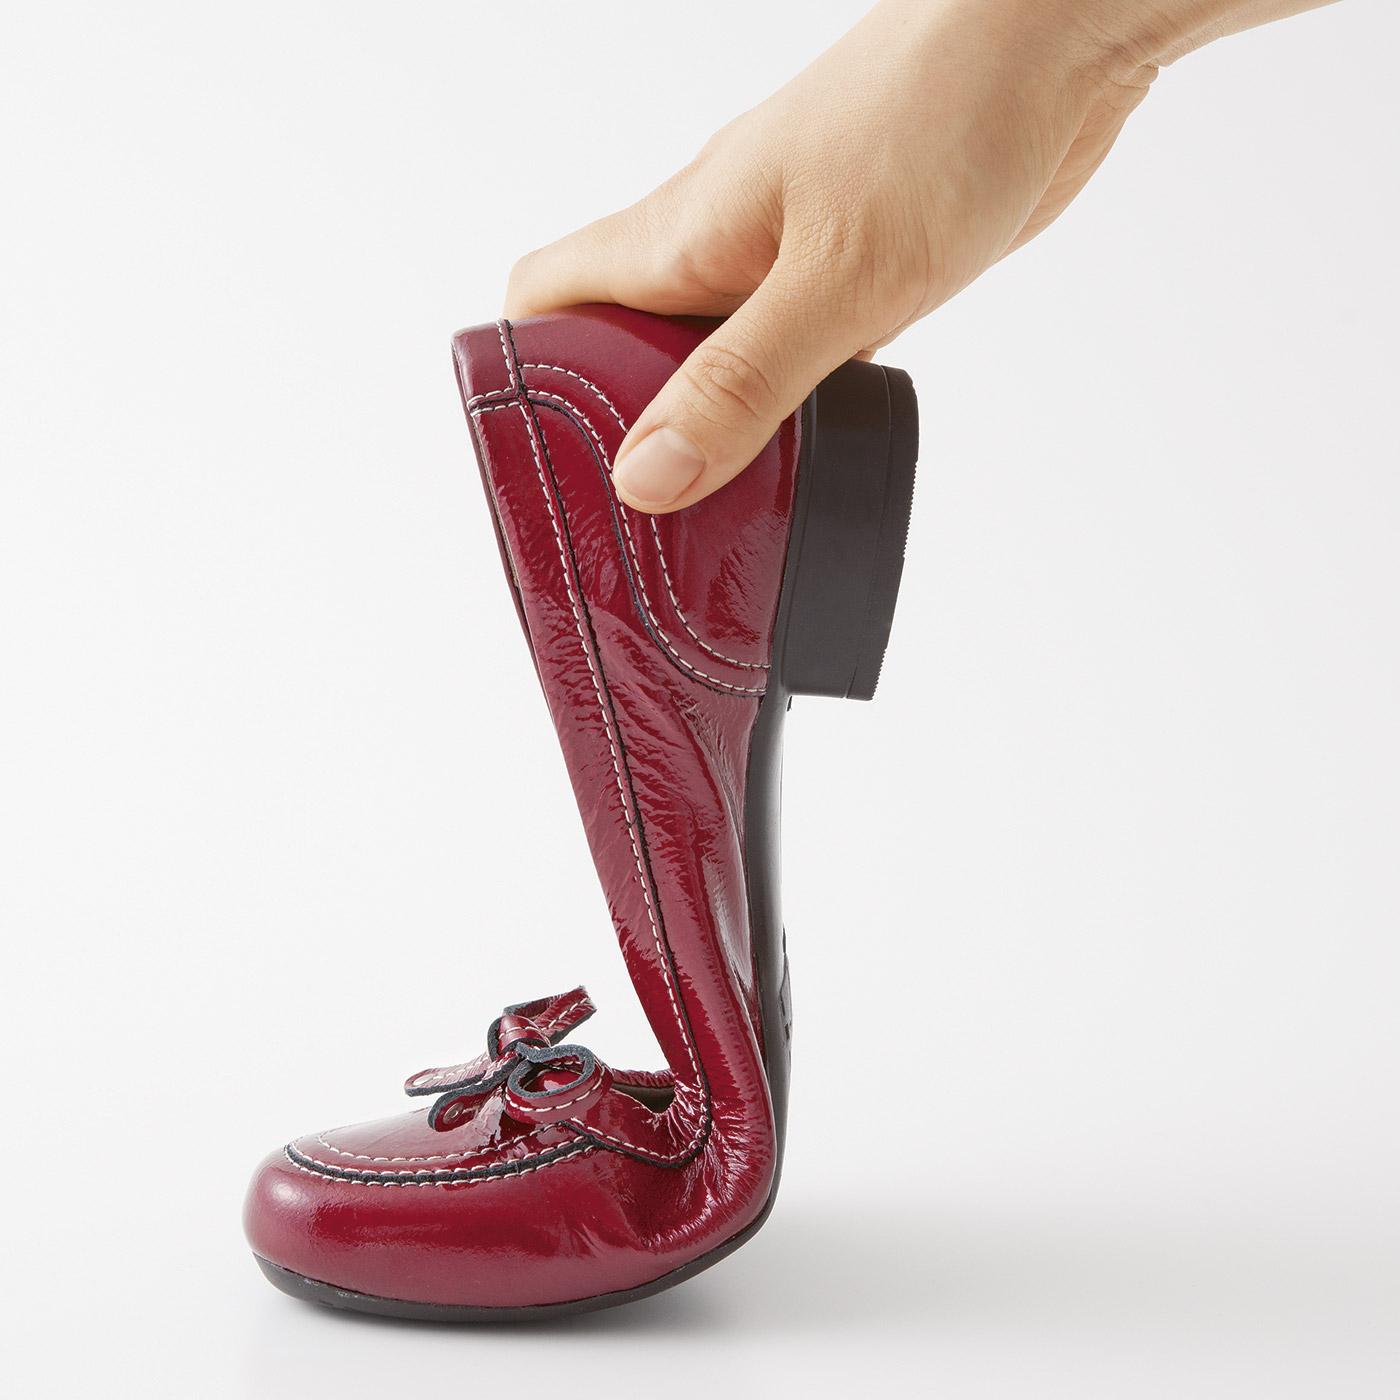 どんどん歩ける秘密は、歩行にあわせてぐにっと曲がる屈曲底。つま先のあがった蹴り出しやすい底形状で、歩行をサポートします。